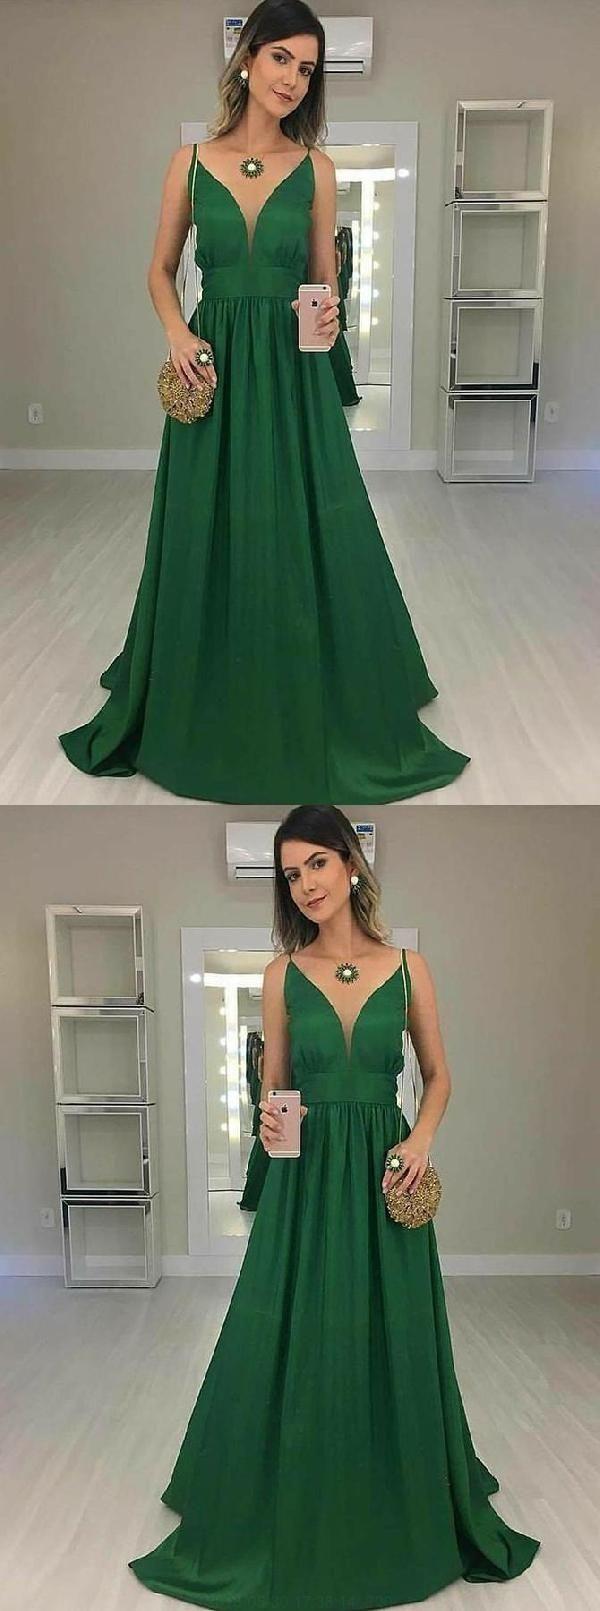 Prom dress aline promdressaline prom dresses